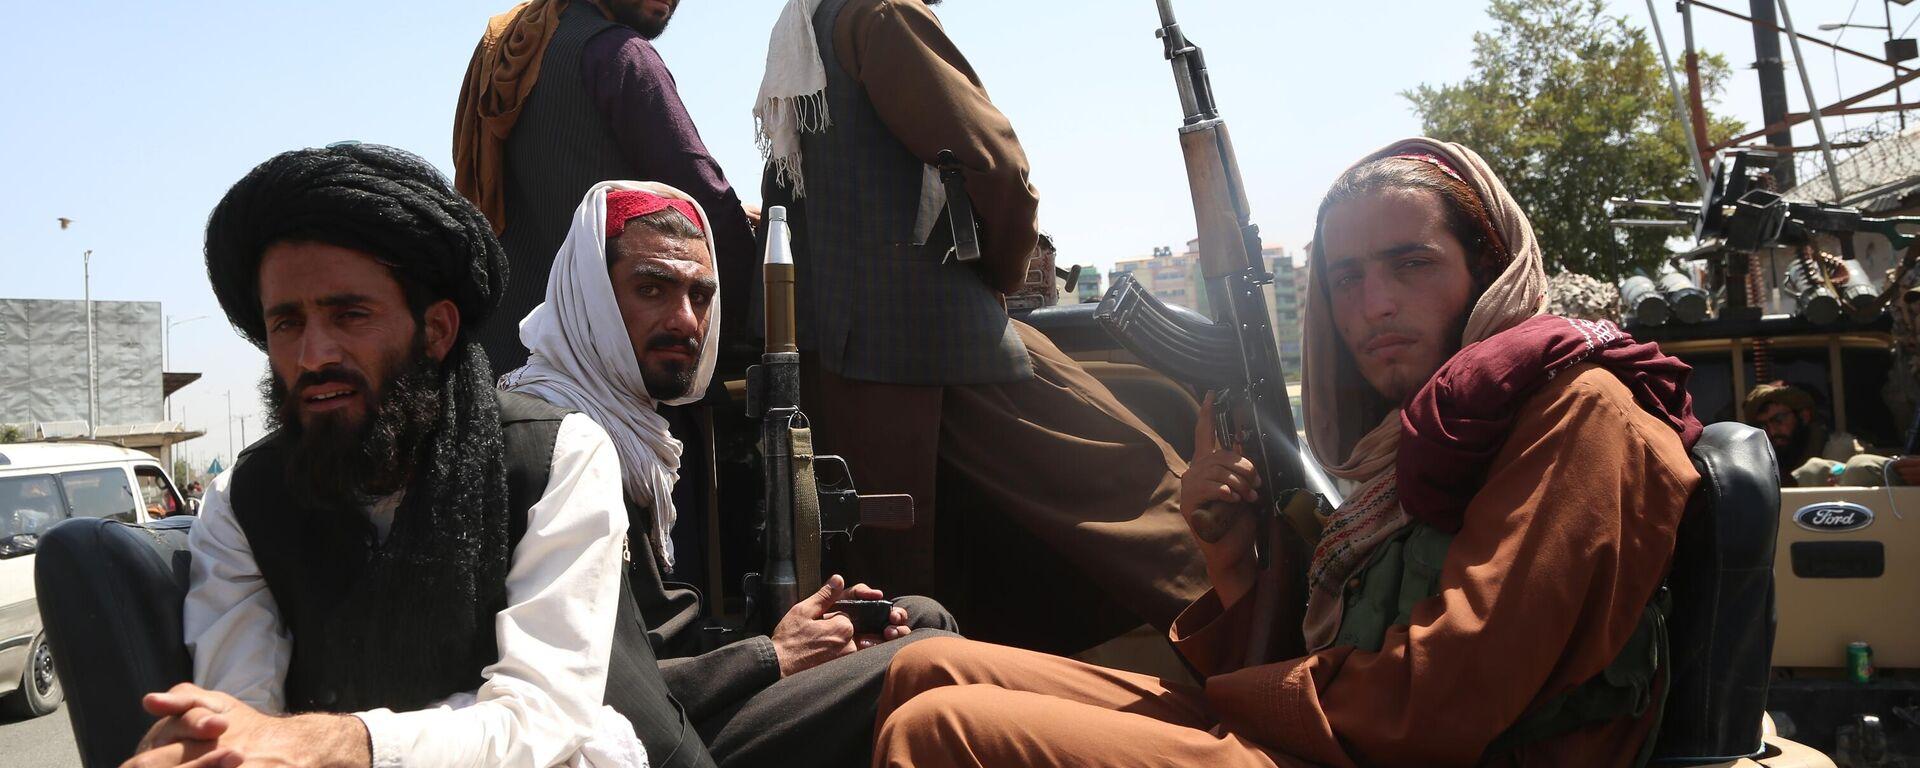 Боевики движения Талибан (террористическая организация, запрещена в России) в Кабуле - Sputnik Таджикистан, 1920, 08.09.2021